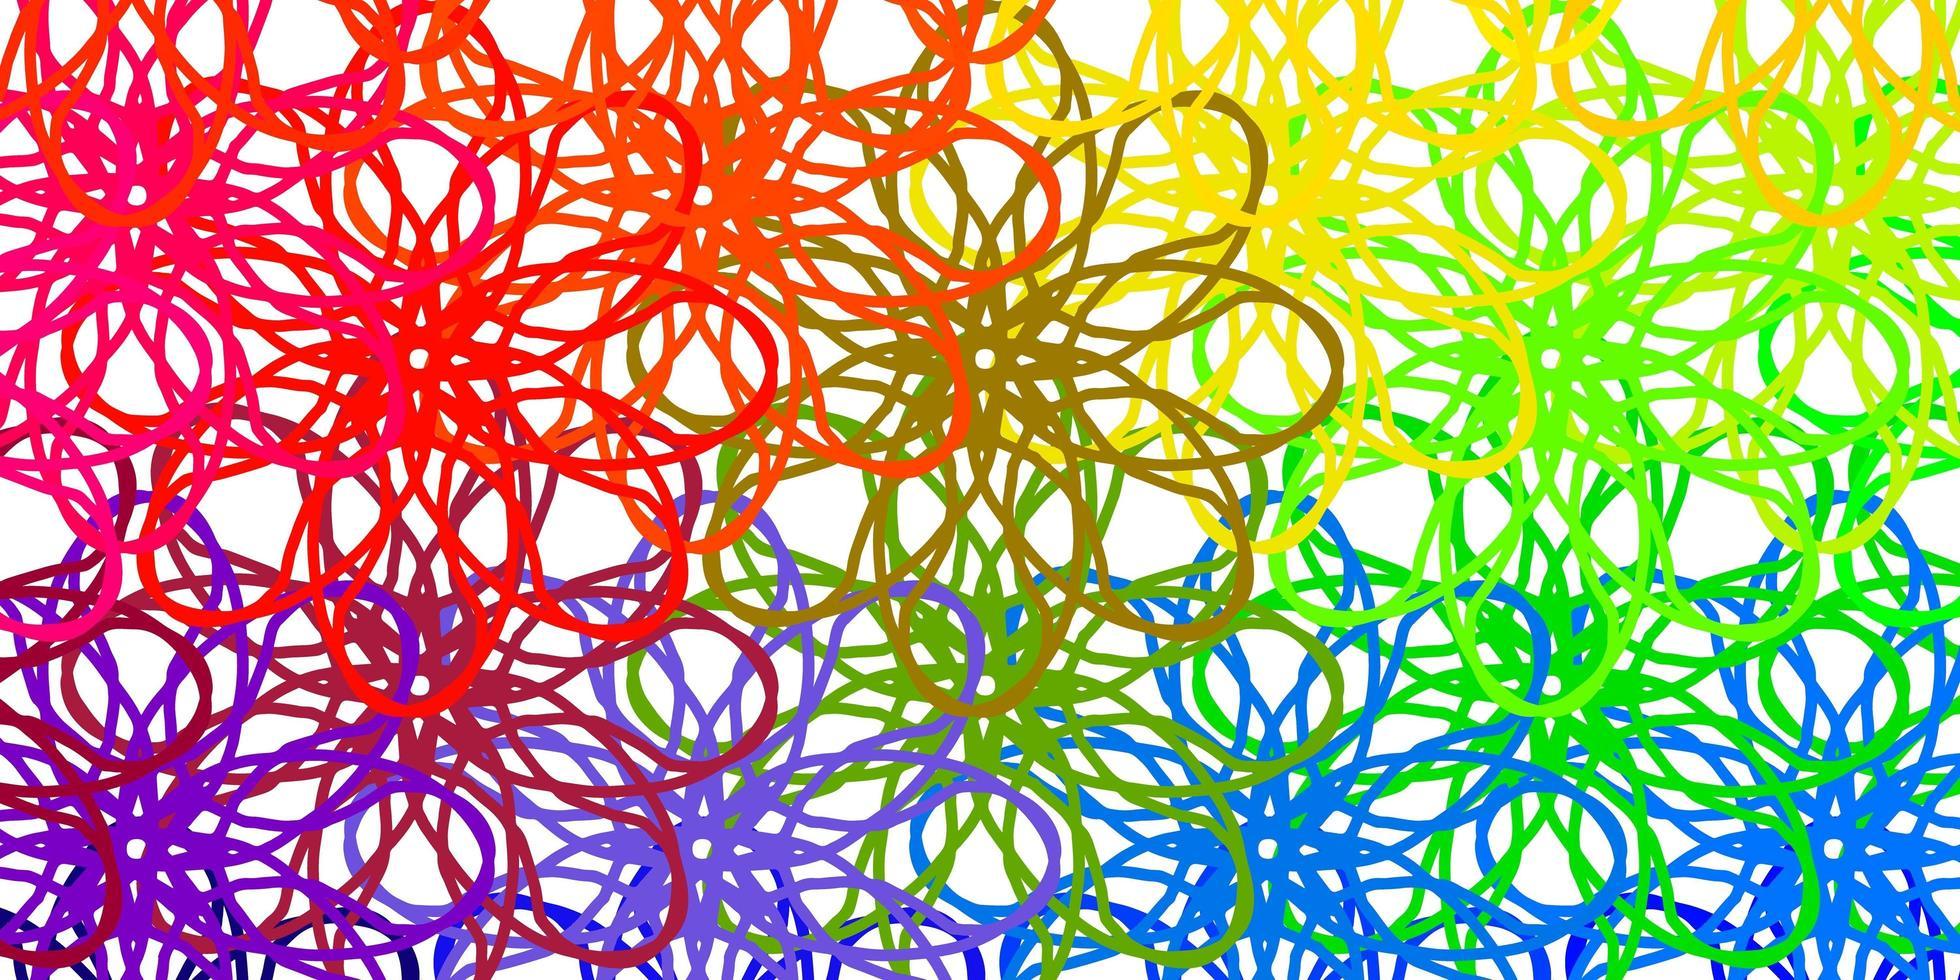 leichte mehrfarbige Vektorschablone mit gekrümmten Linien. vektor